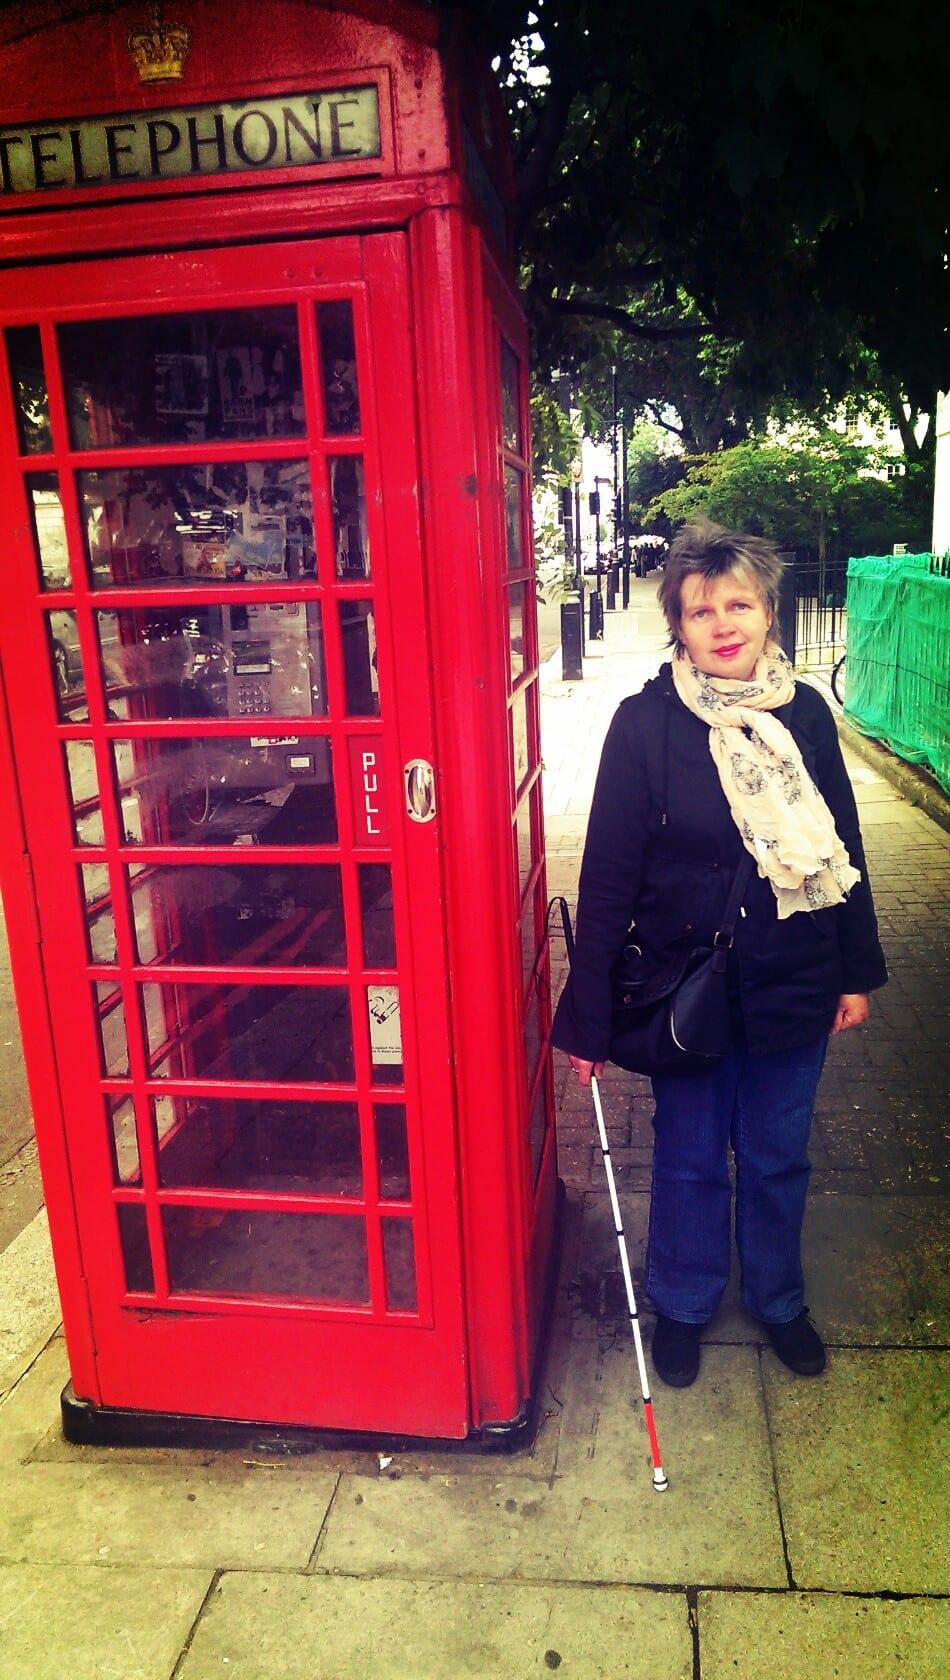 Blinde in London